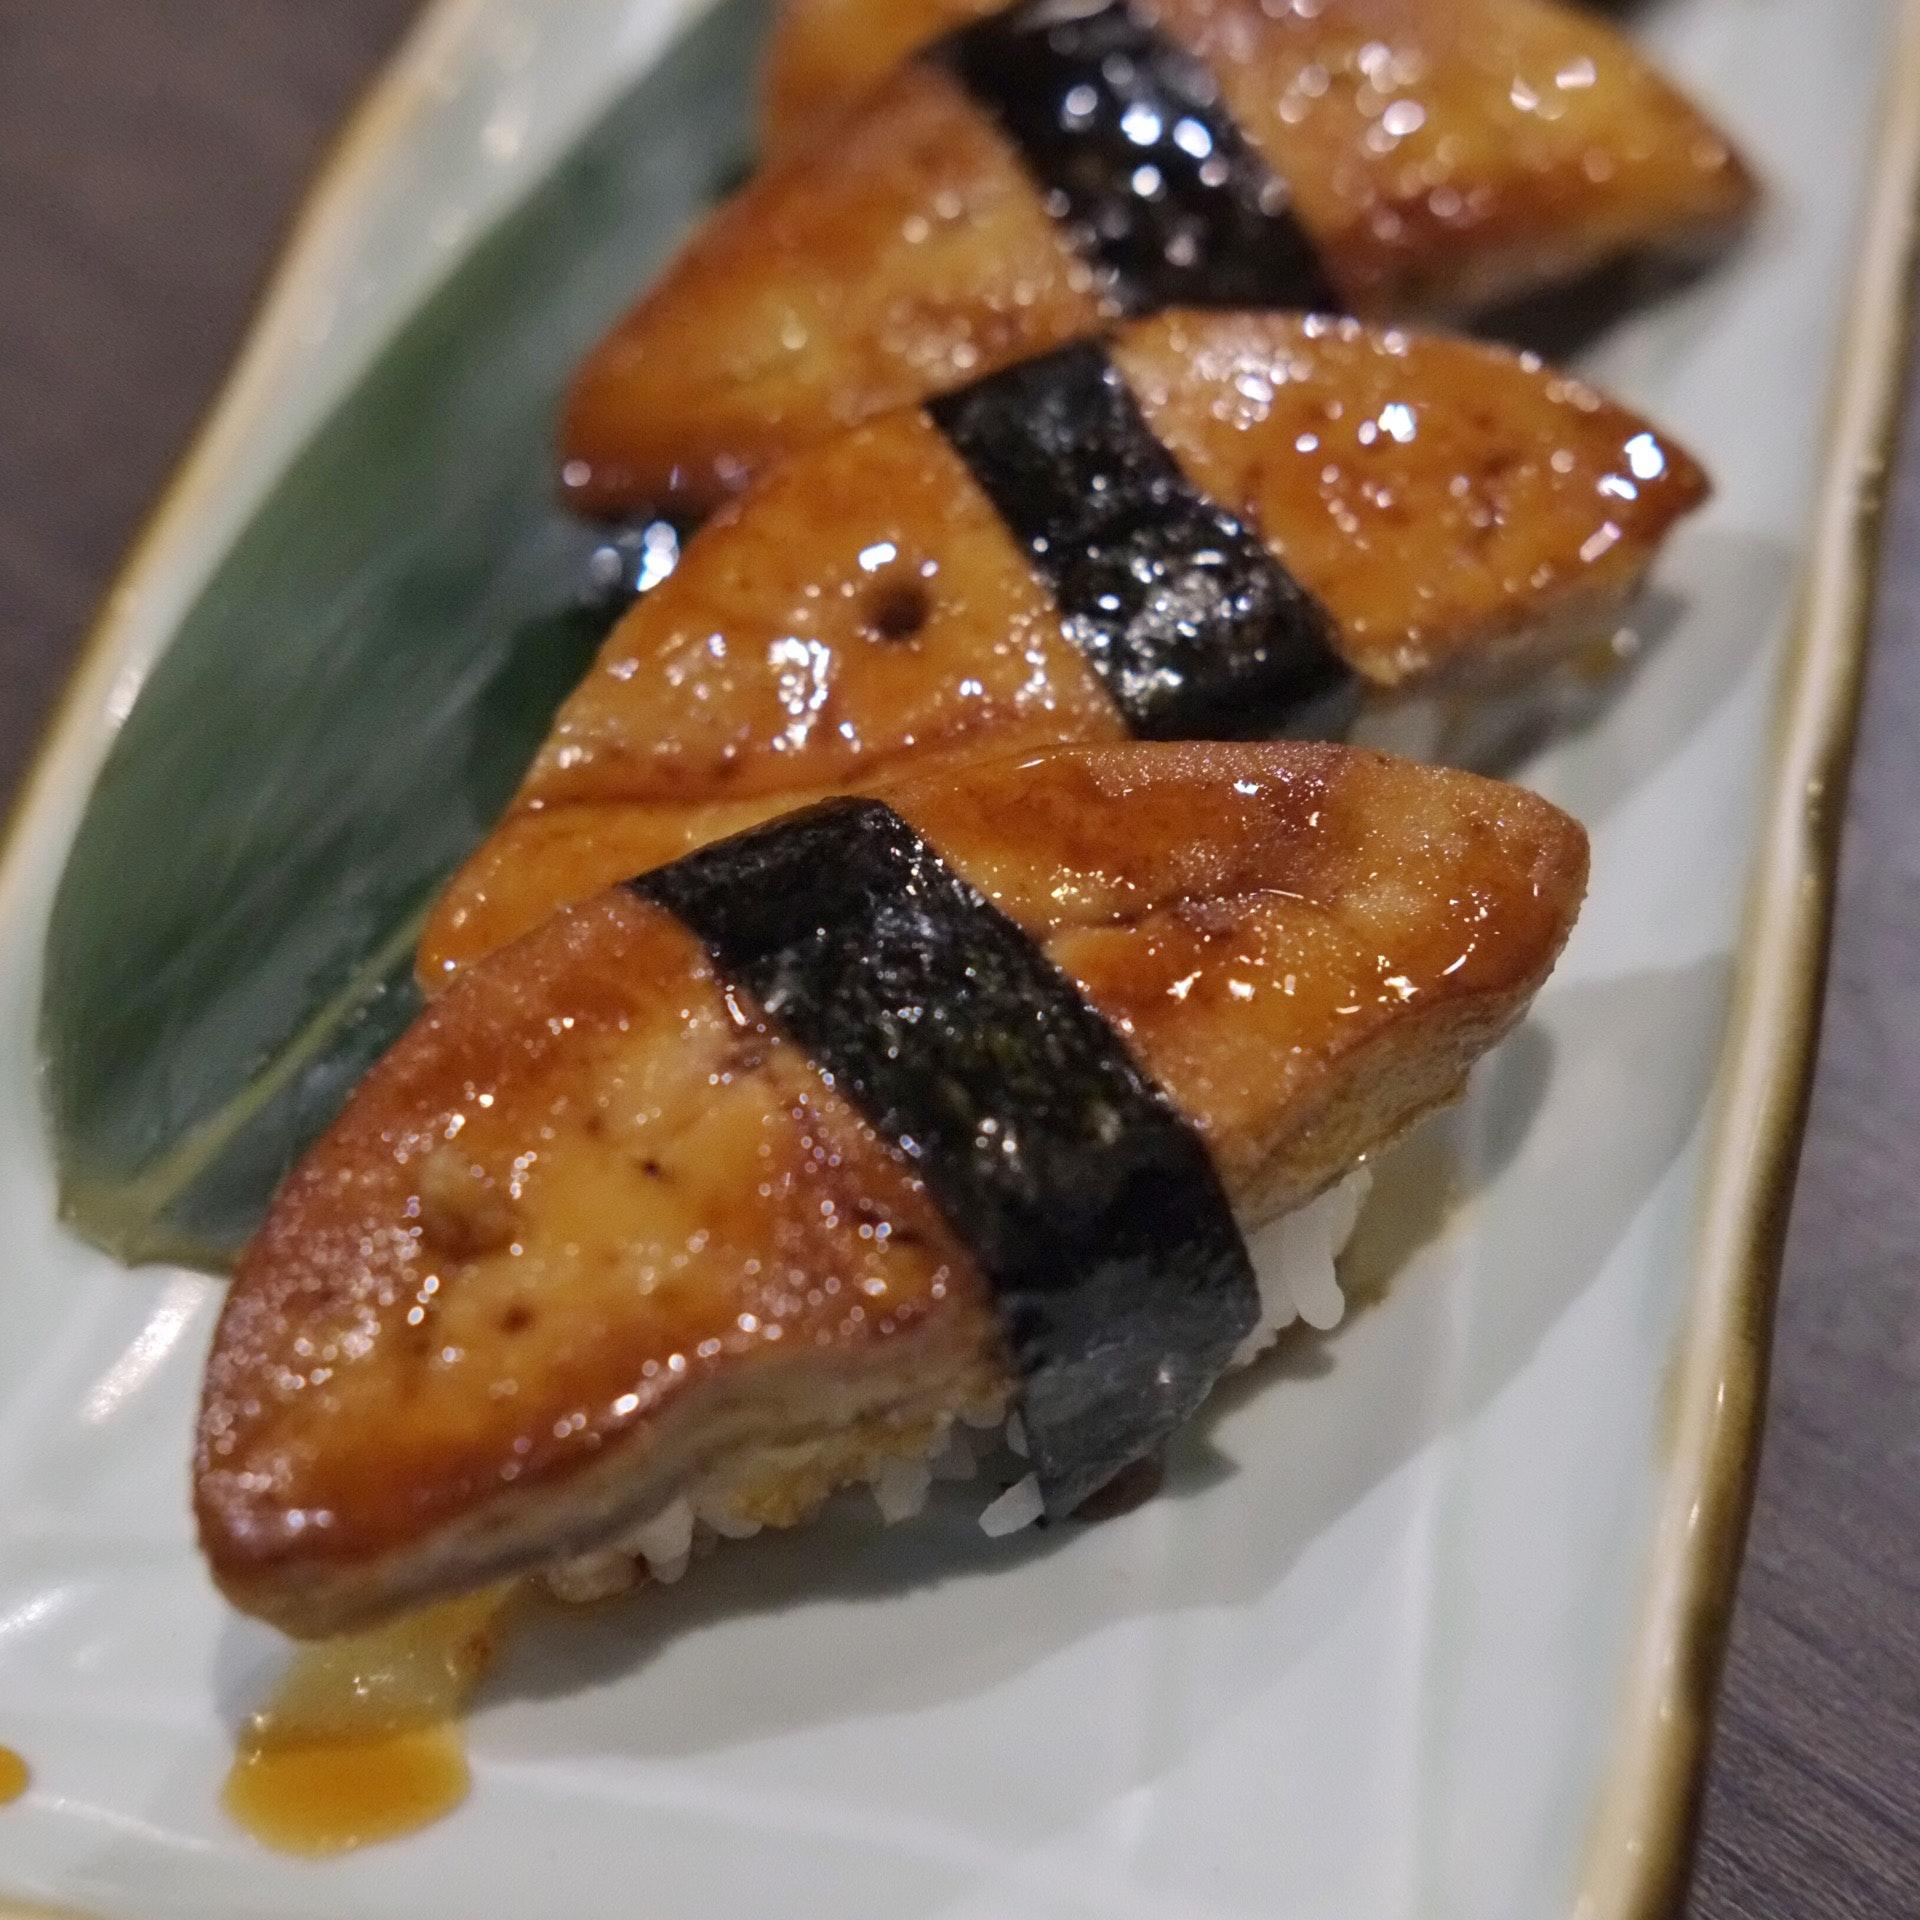 Foie Gras Sushi ($15.80 for 2)